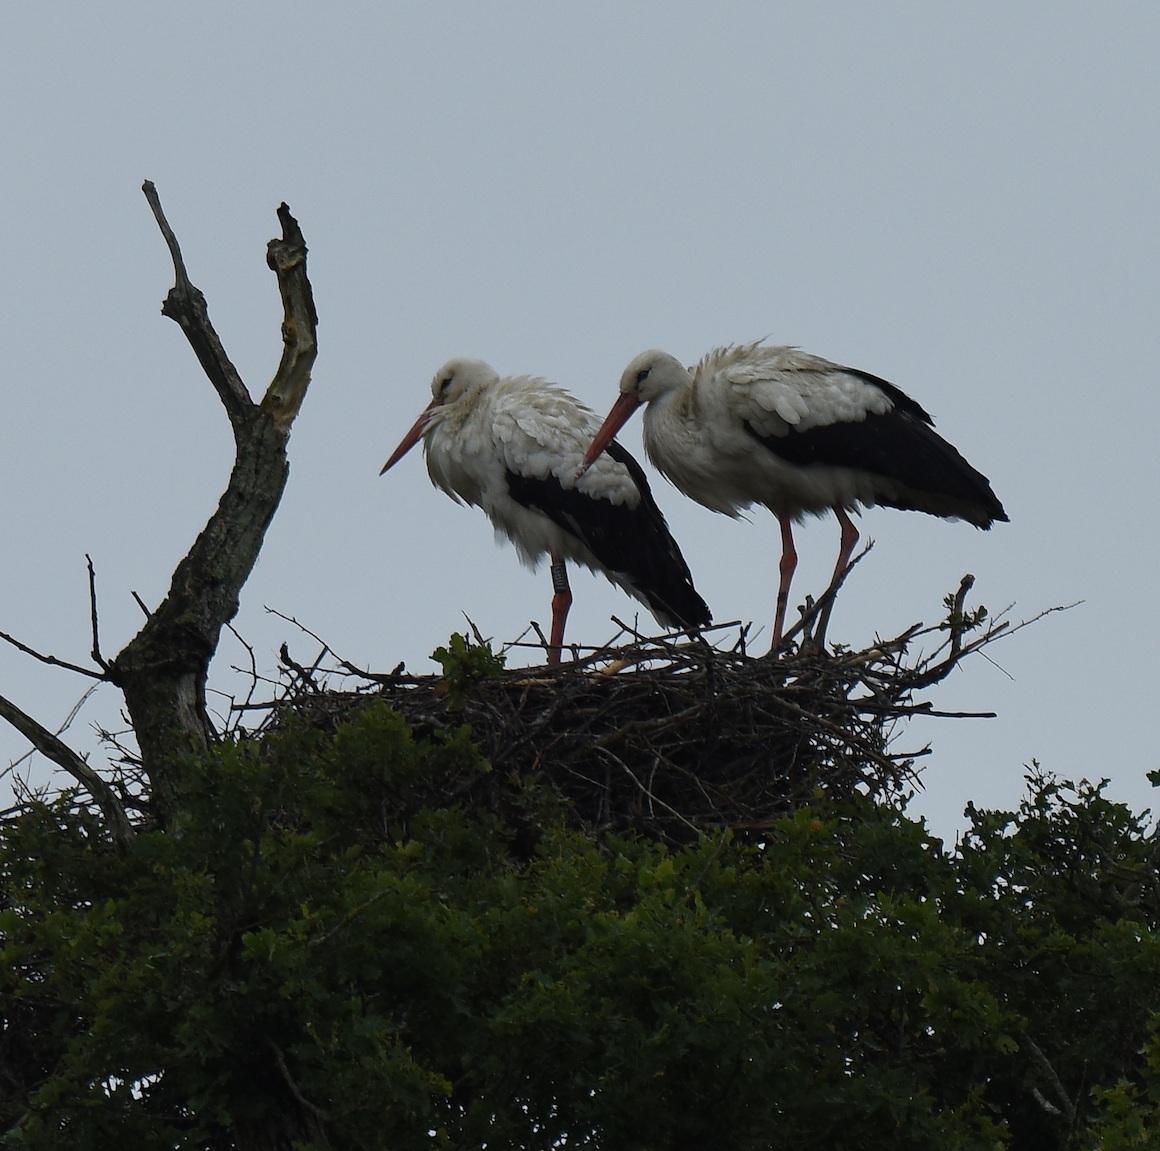 FBKnepp+2+on+tree+nest.jpg